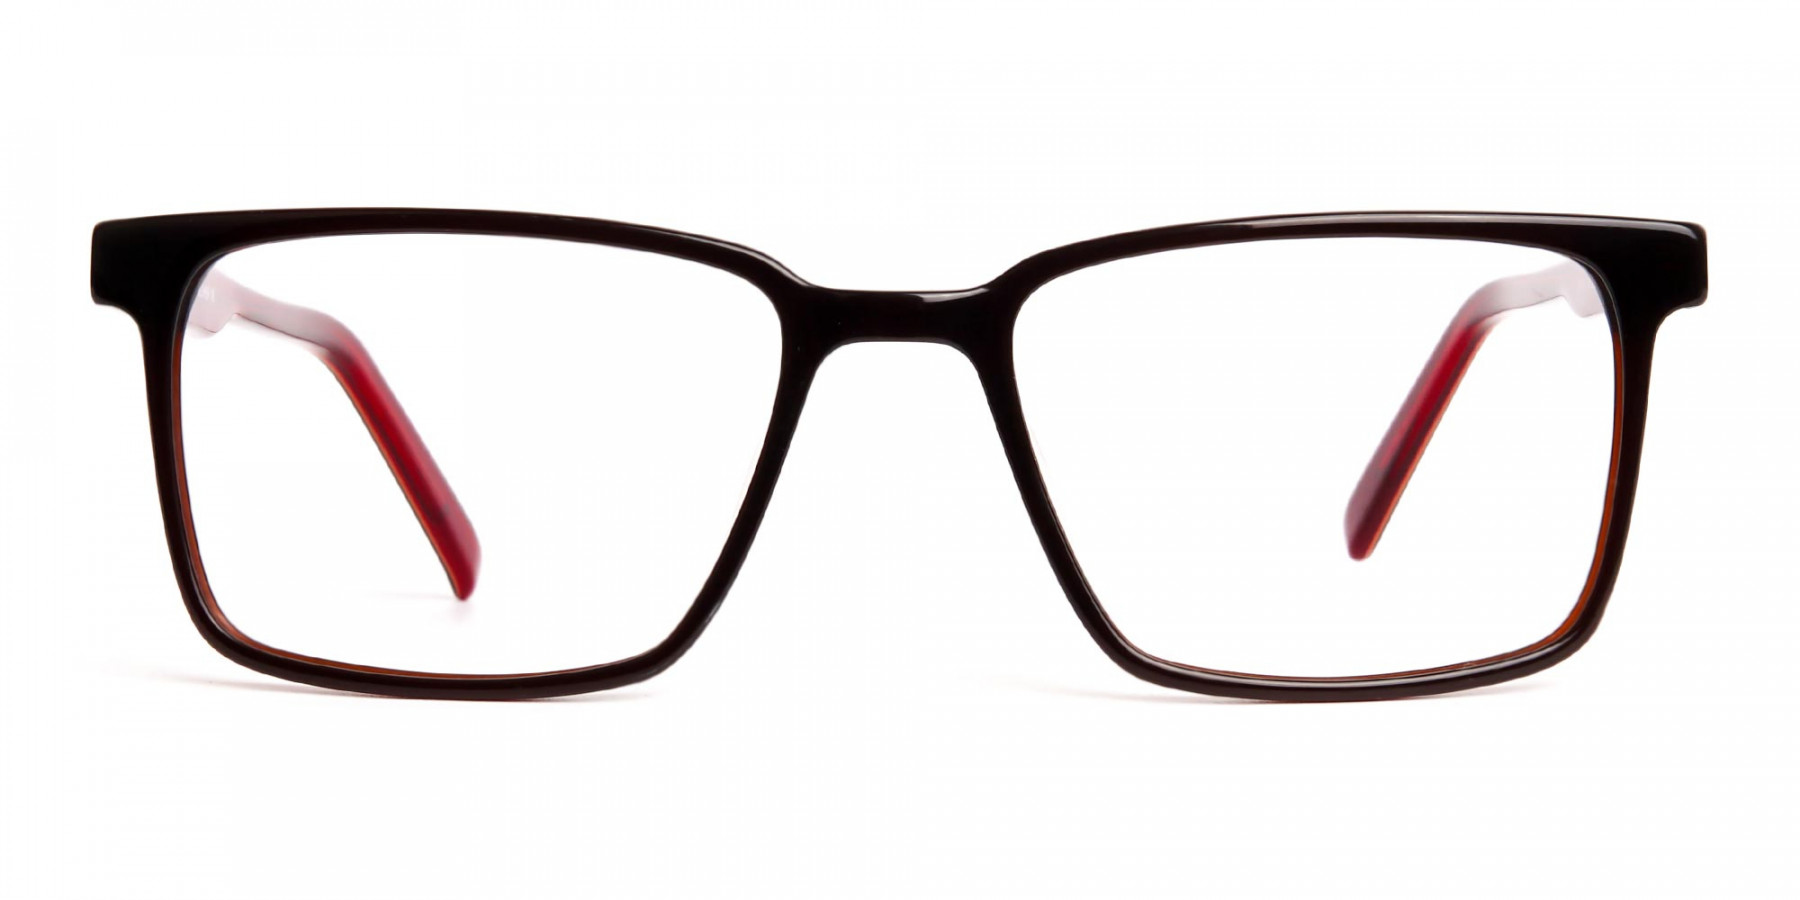 dark-brown-Rectangular-full-rim-Glasses-frames-1